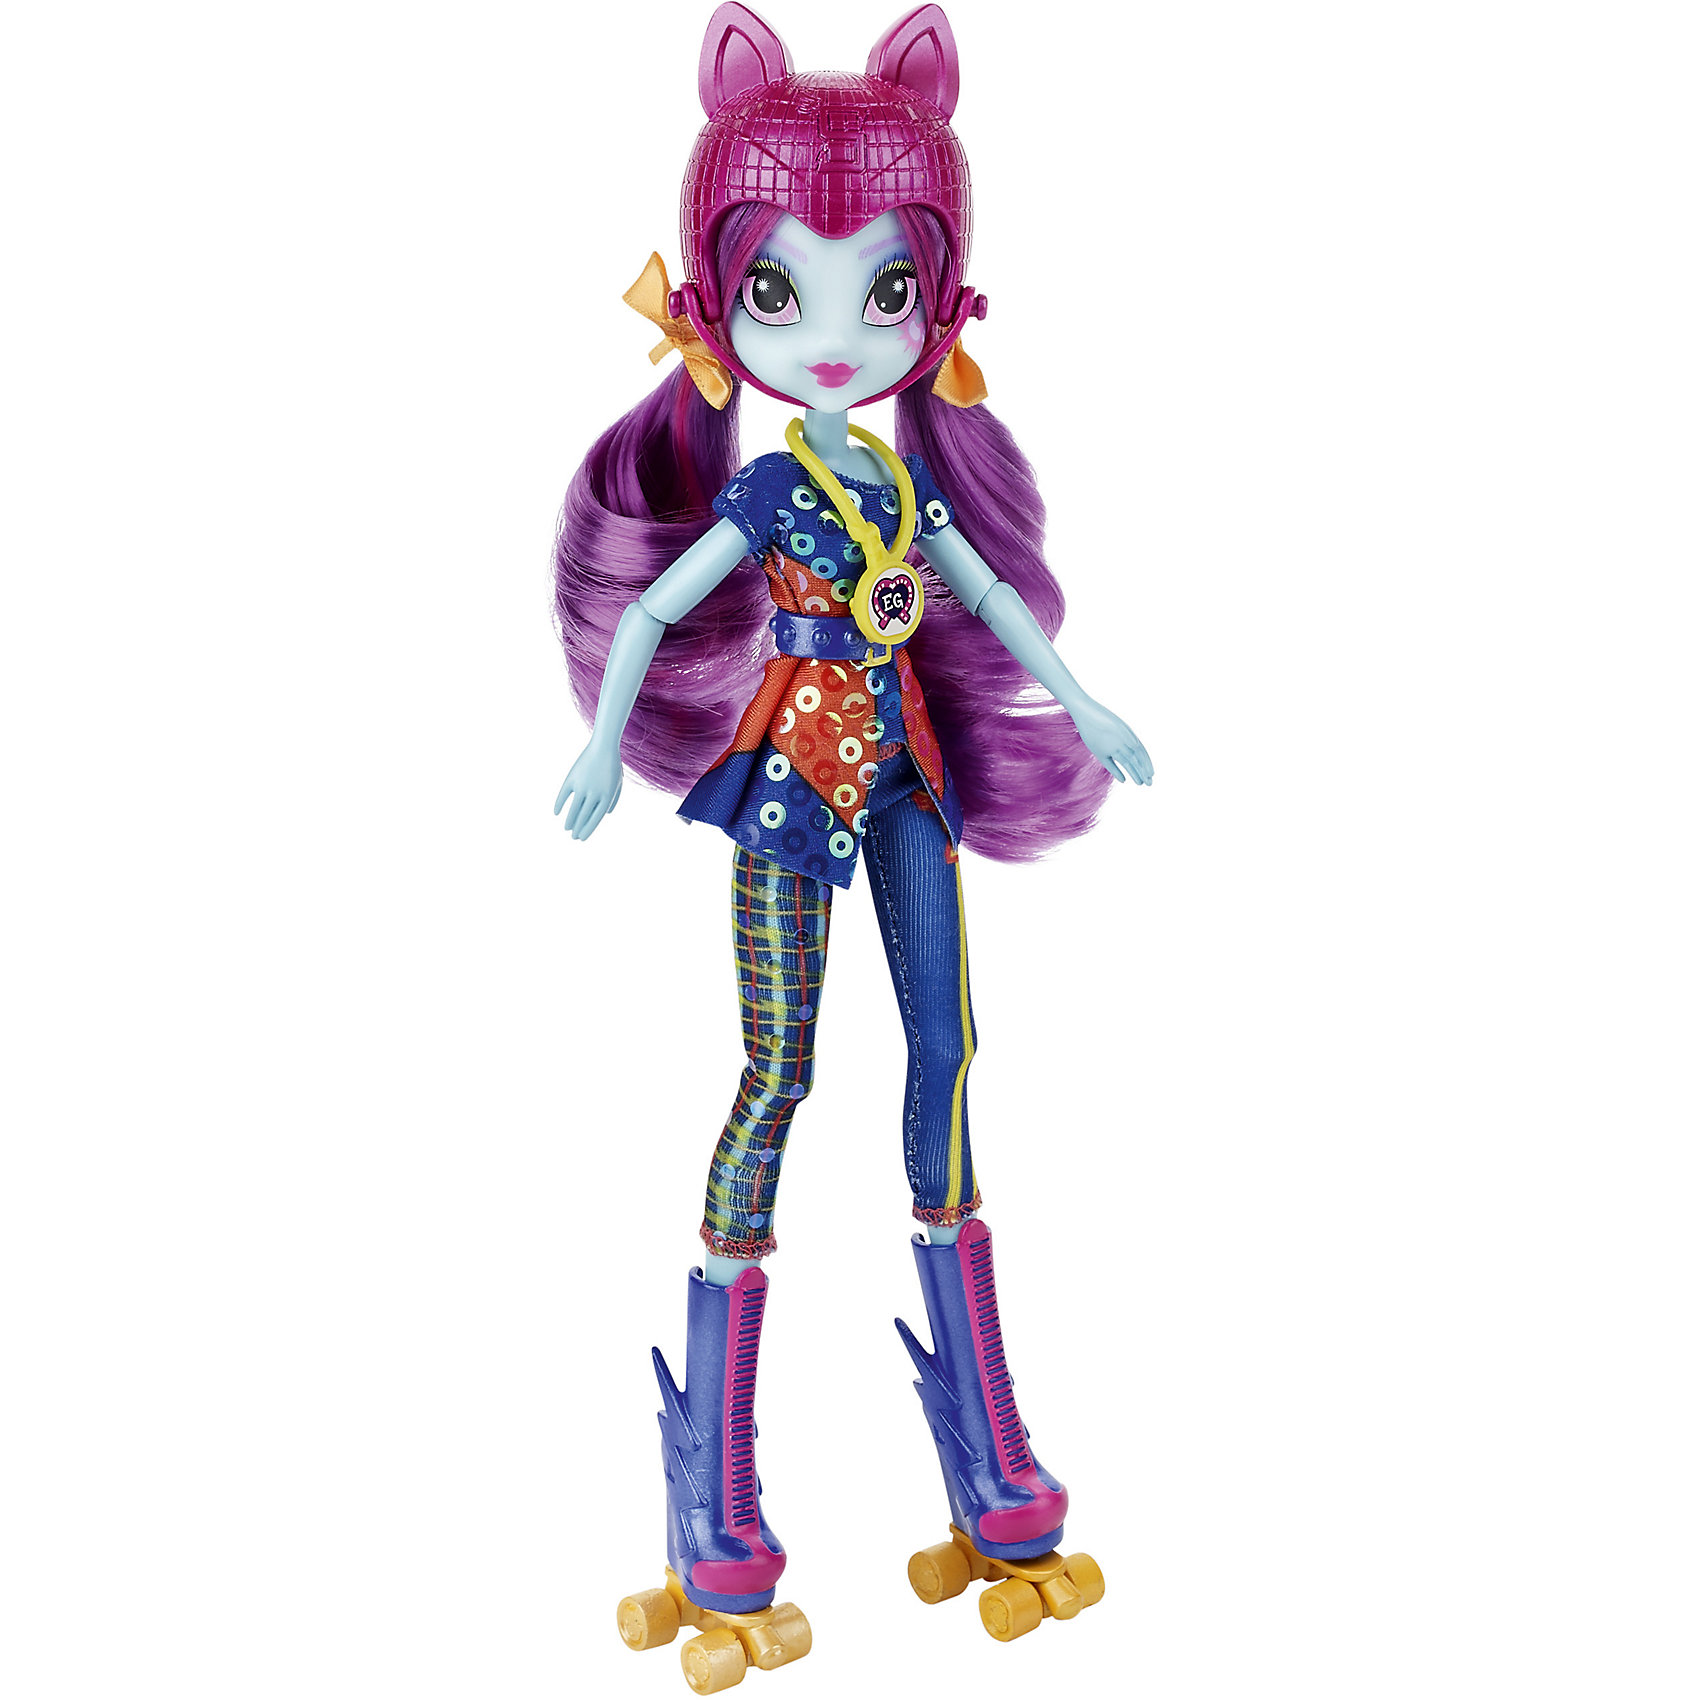 Hasbro Кукла Шедоуболт, с аксессуарами, Эквестрия герлз, B1772/B5683  hasbro мини кукла эквестрия герлз b4903 b7793